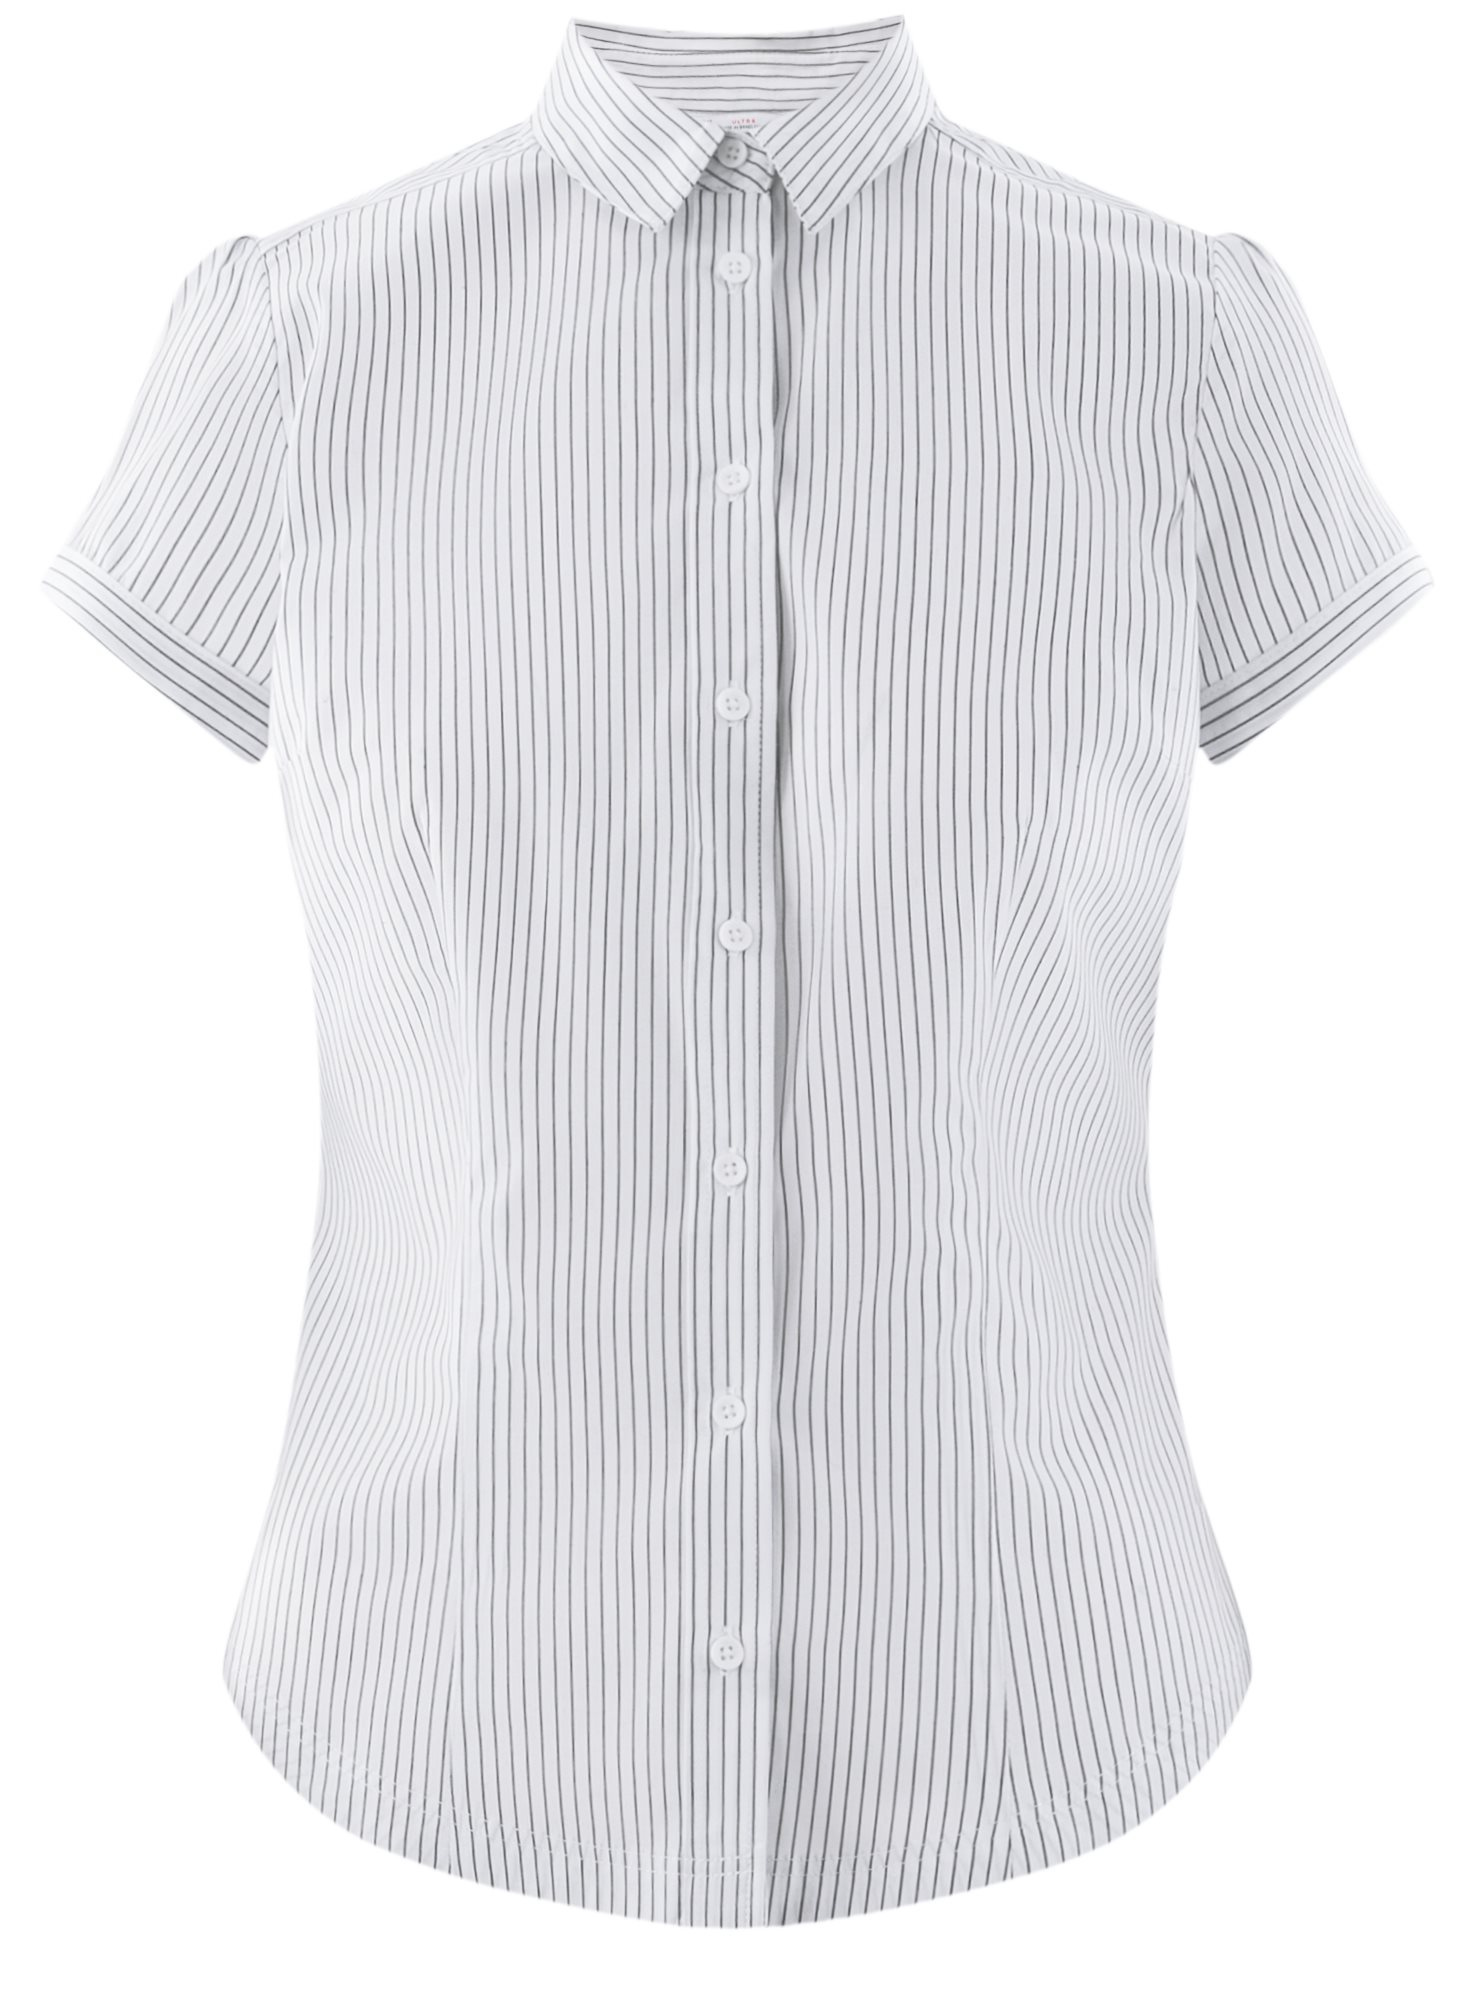 Рубашка хлопковая с коротким рукавом oodji для женщины (слоновая кость), 13K01004B/33081/1025S